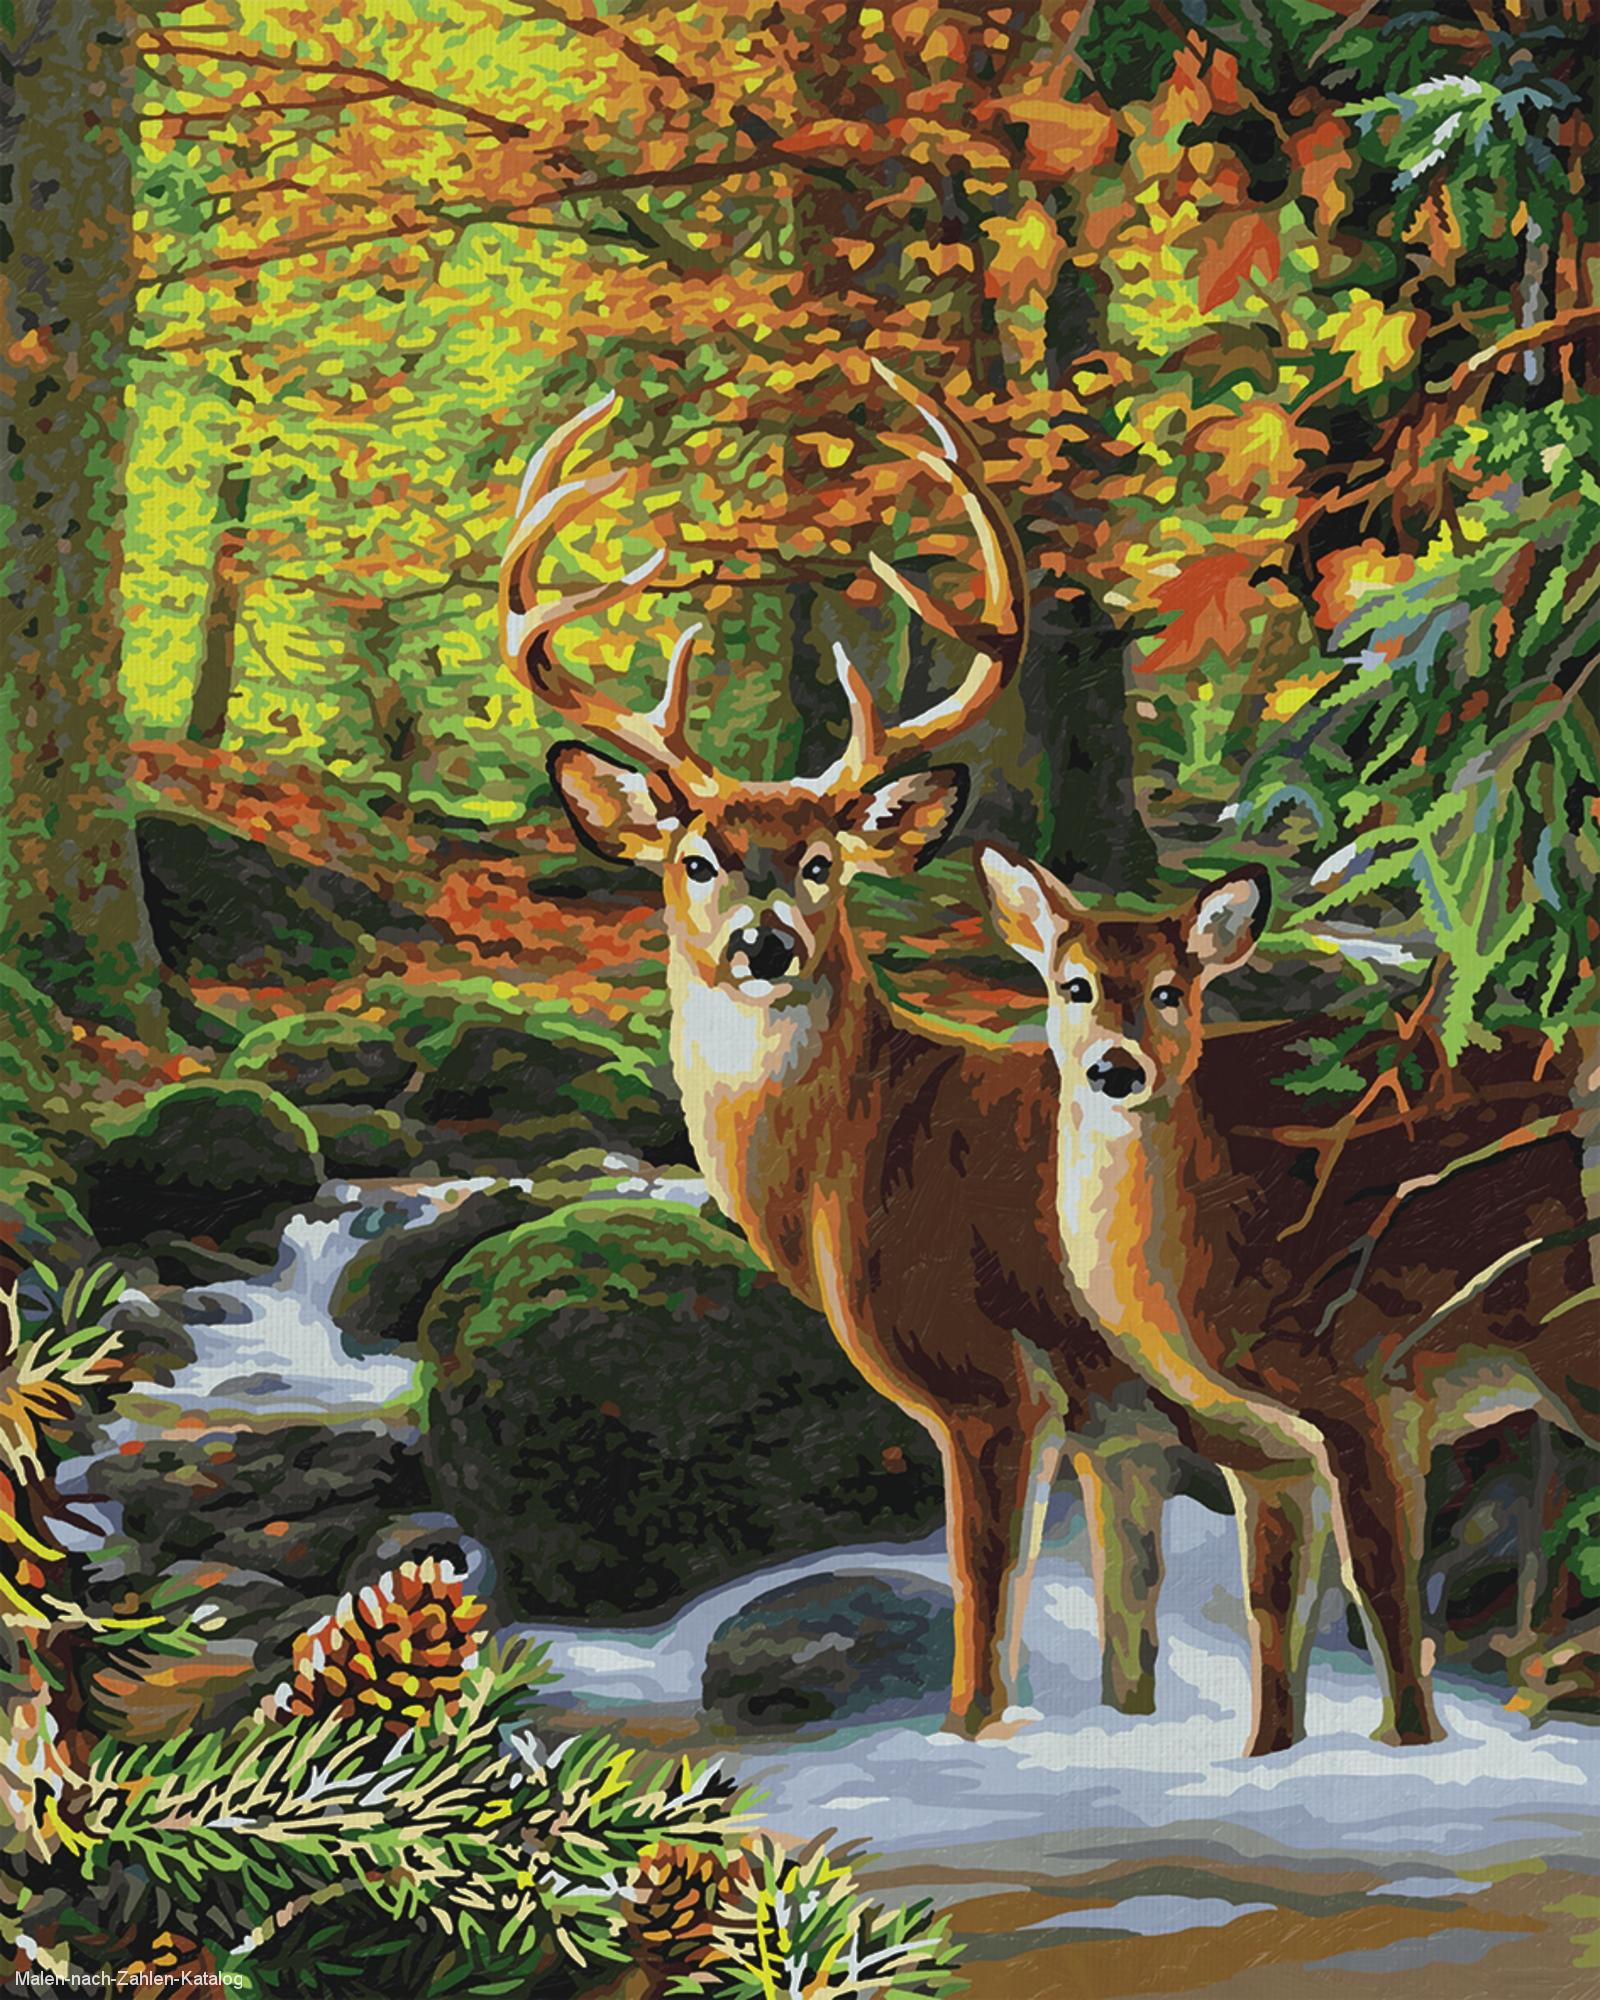 Schipper Malen nach Zahlen Premium 40 x 50 cm - Mein schöner Garten